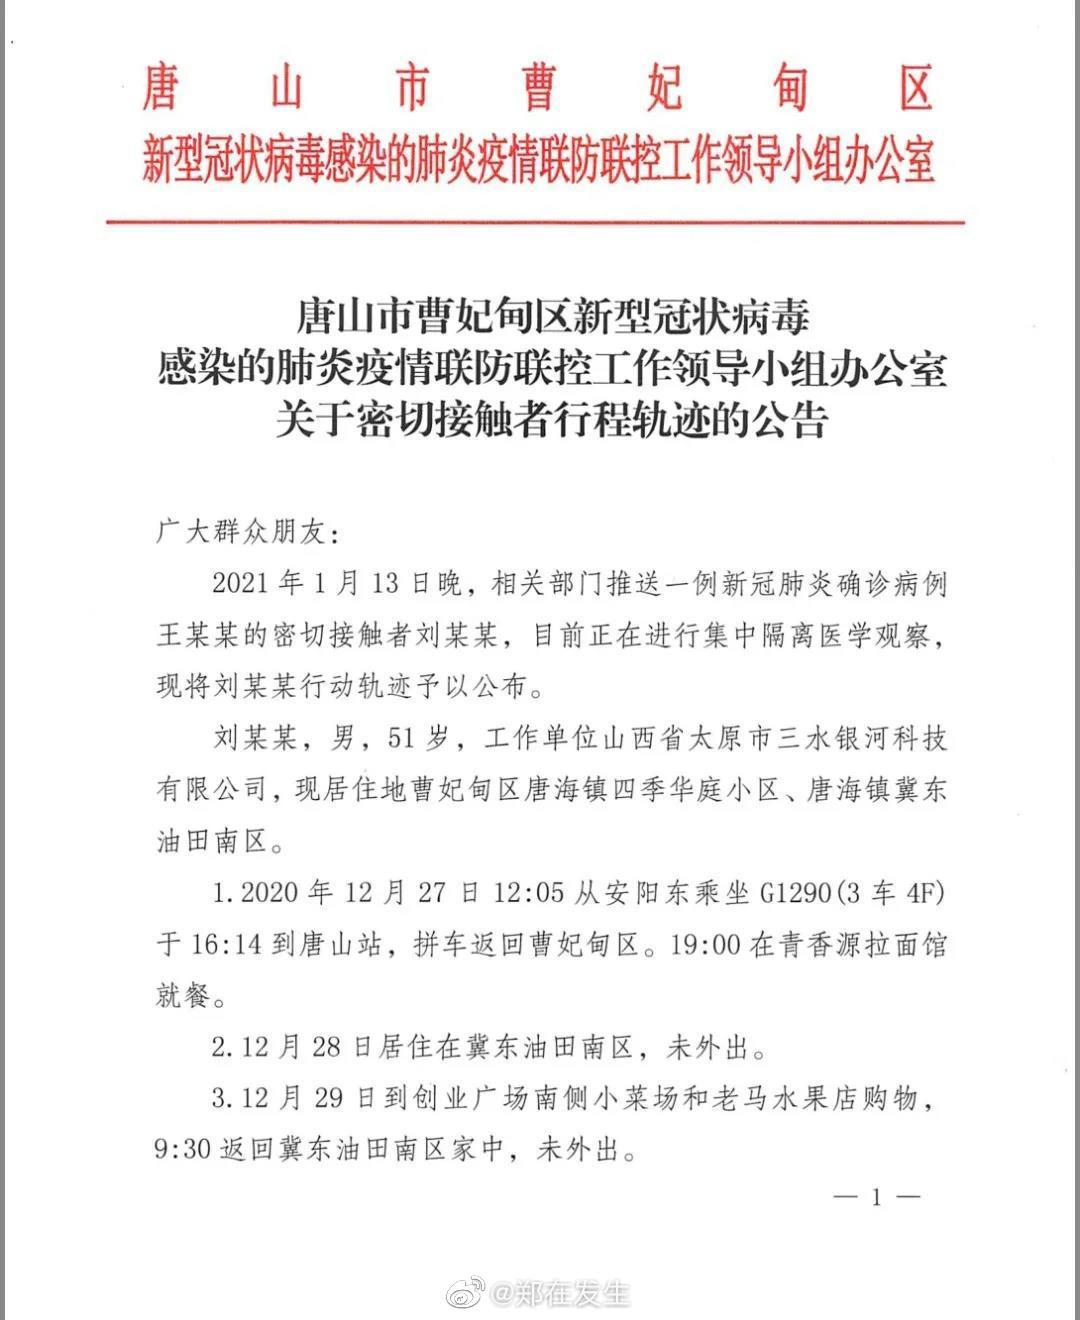 唐山曹妃甸区公布1例密接者轨迹,曾到郑州等河南多地